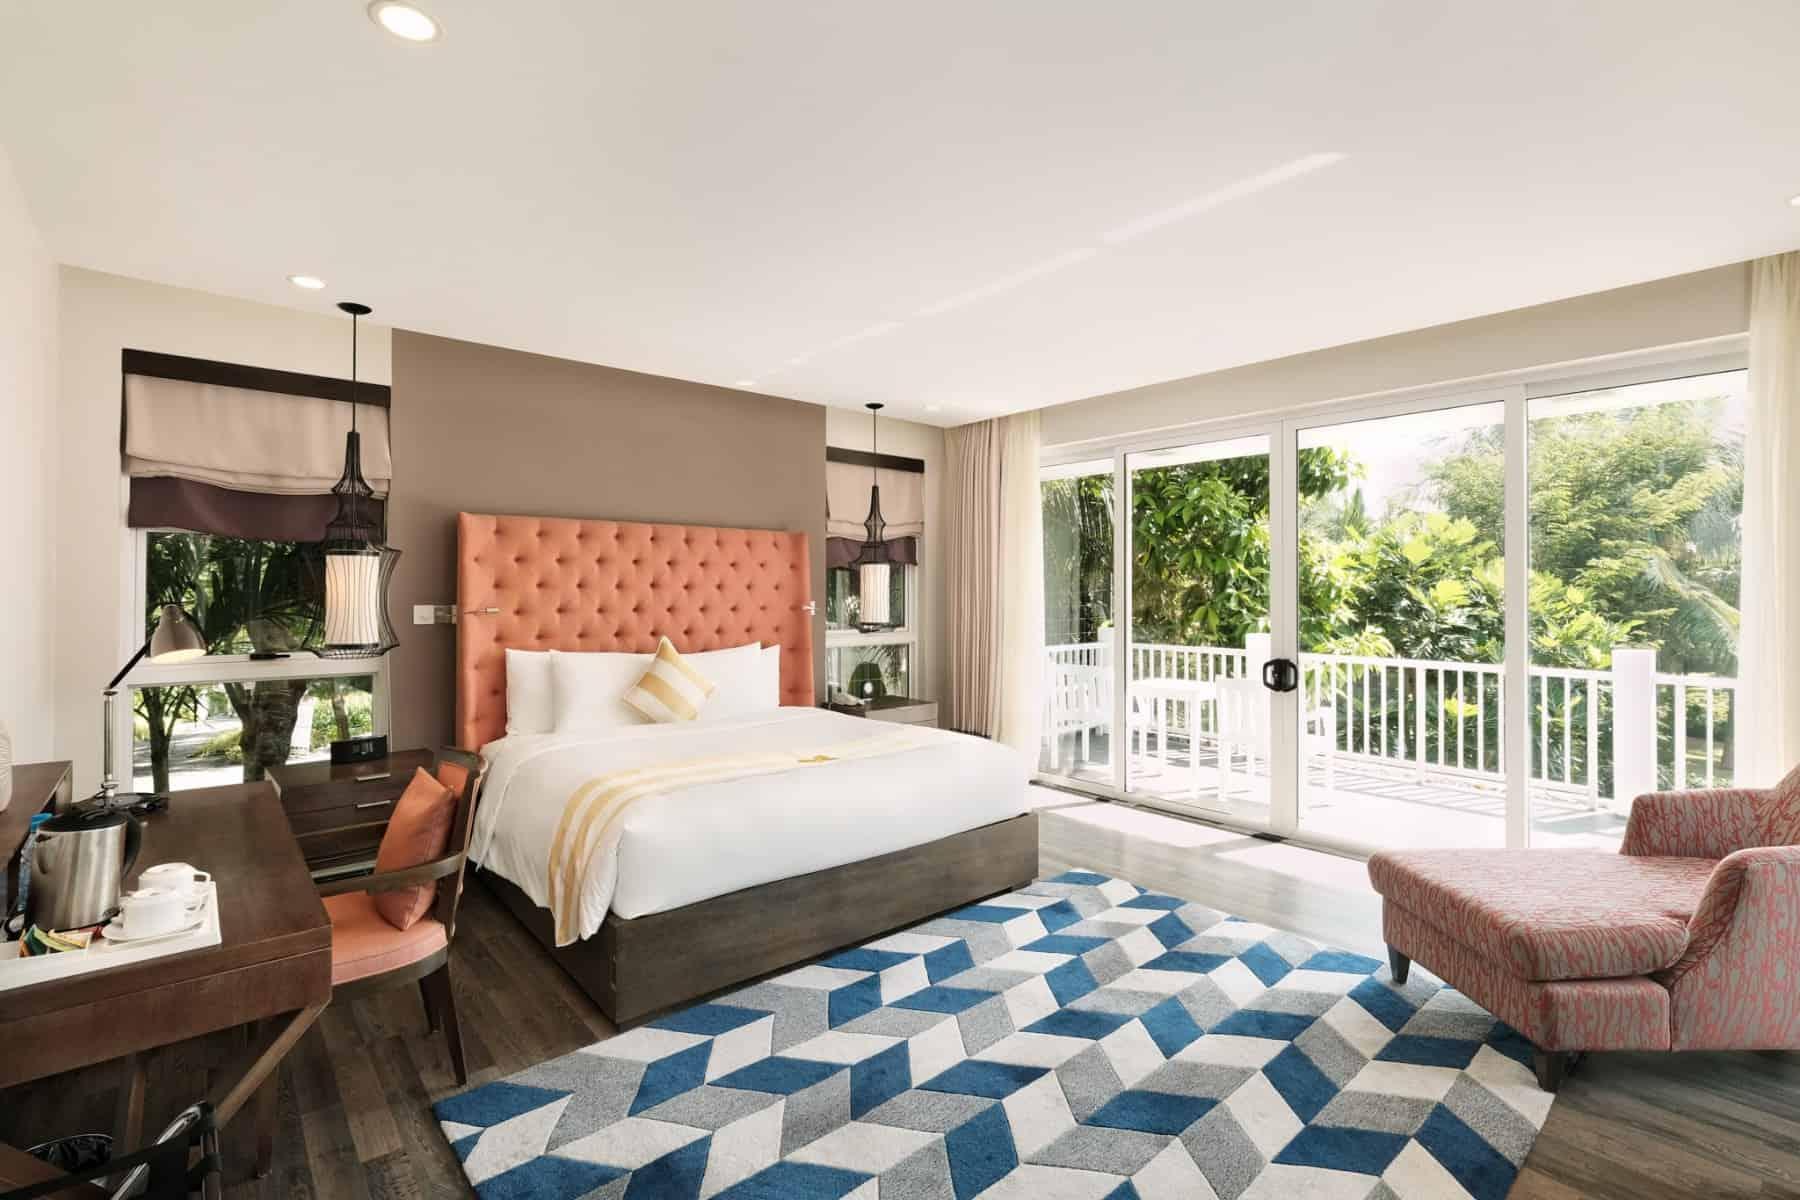 Phòng ngủ thoáng sáng cùng tiện nghi hiện đại